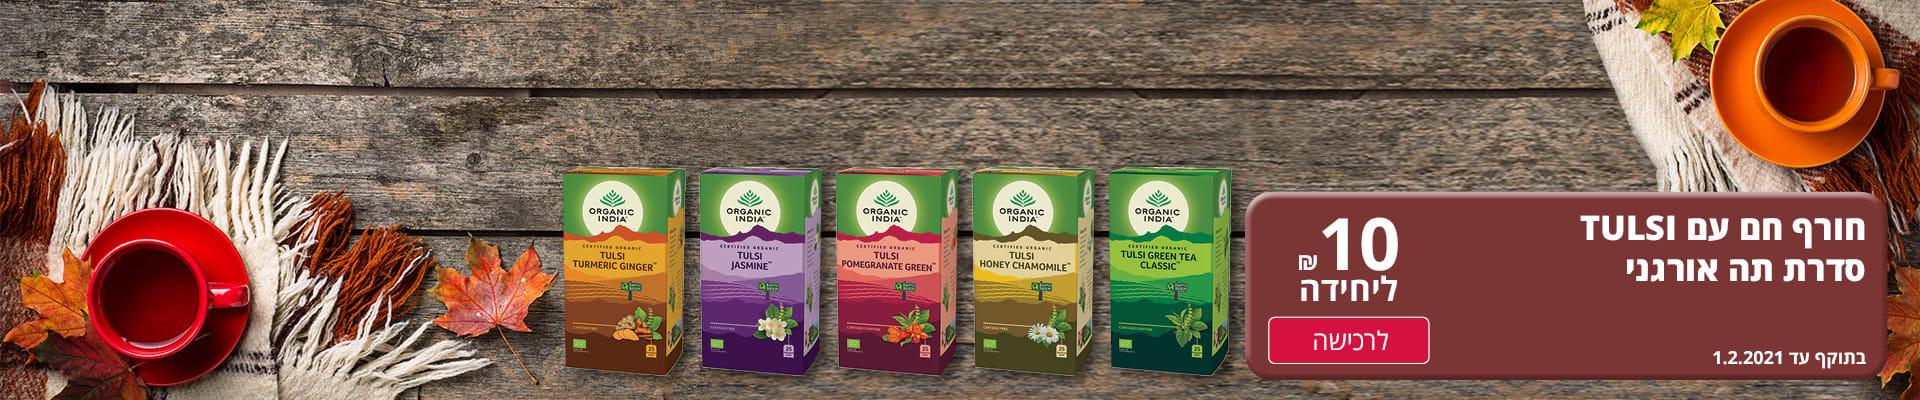 חורף חם עם TULSI סדרת תה אורגני 10 ₪ ליחידה לרכישה בתוקף עד 1.2.2021